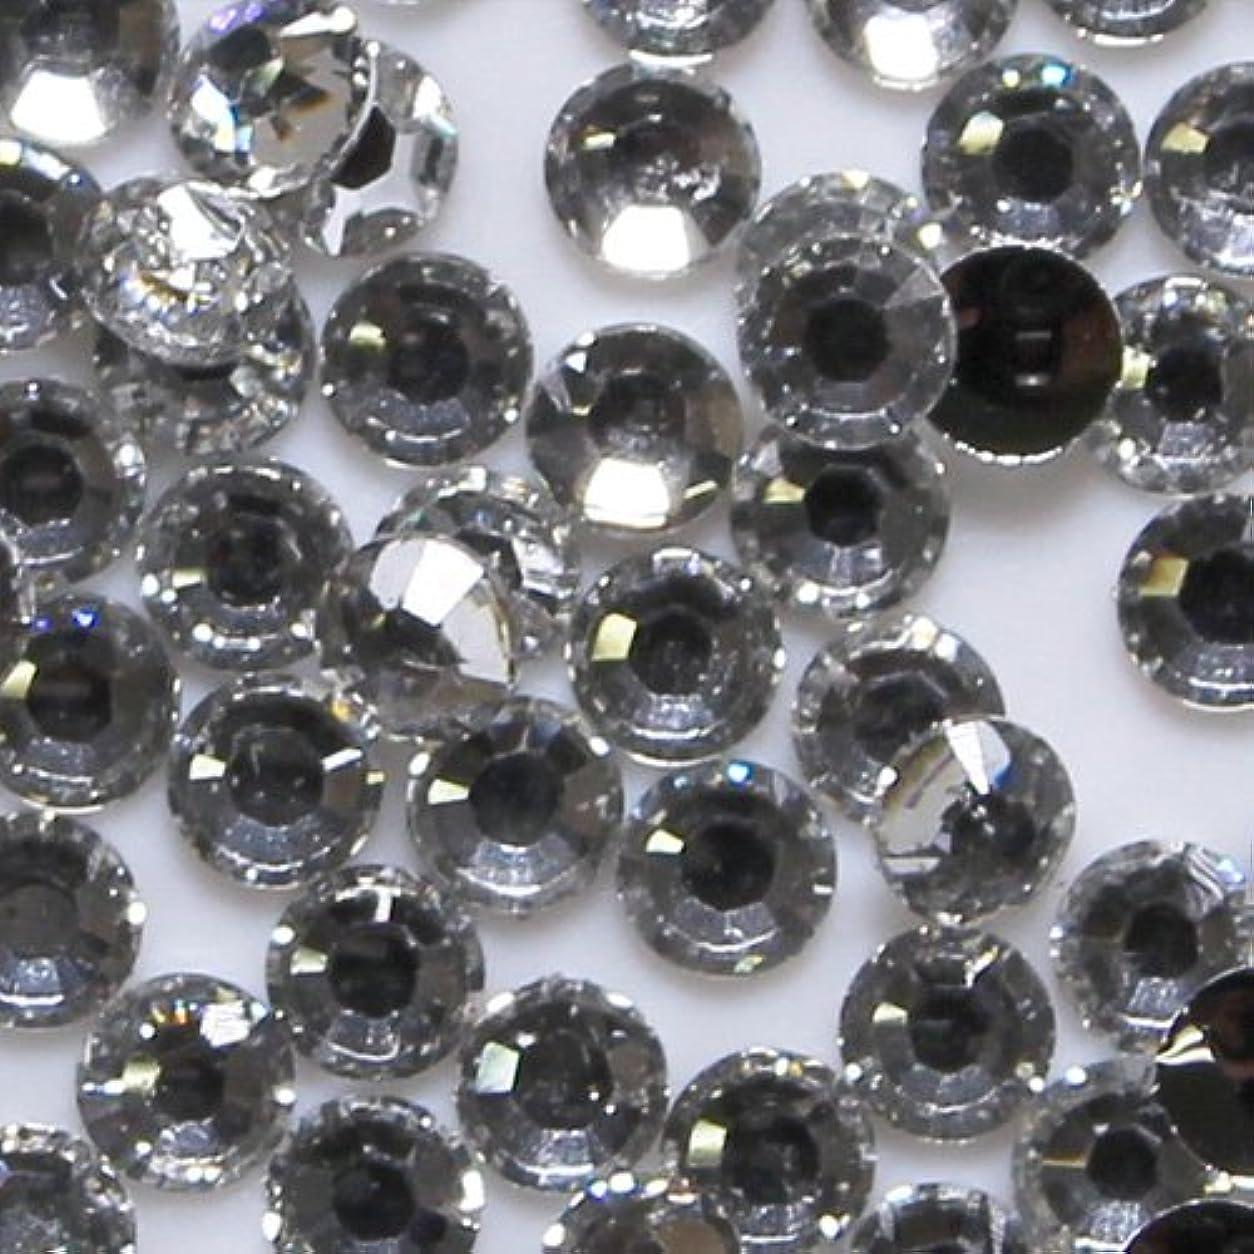 平らな枝必要条件高品質 アクリルストーン ラインストーン ラウンドフラット 約1000粒入り 4mm ダイヤモンド